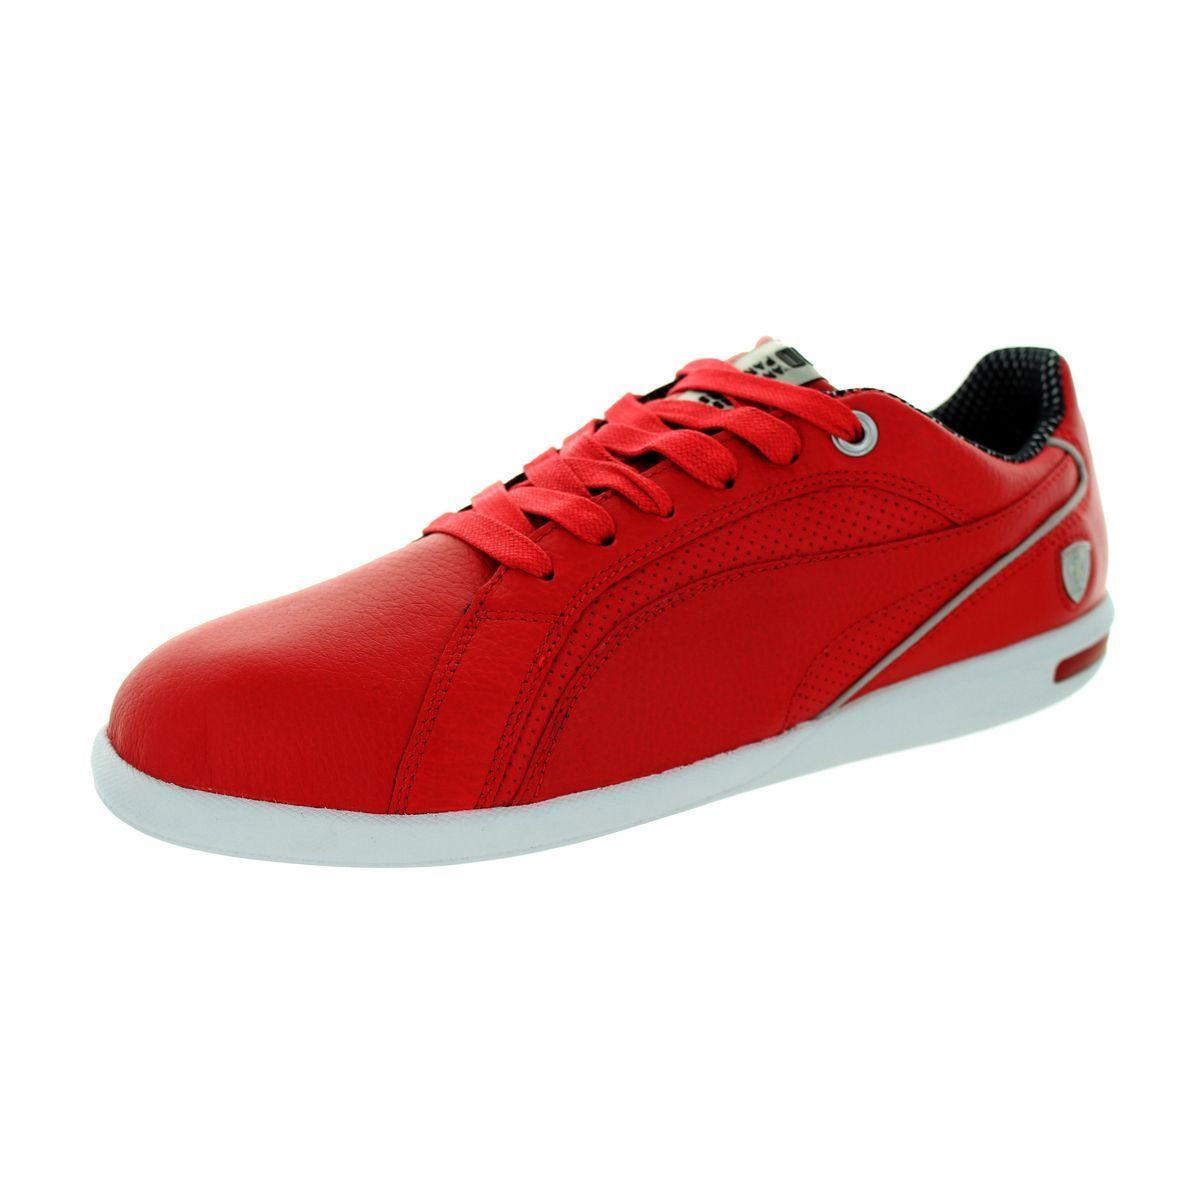 171ec00e24ae Puma Men s Primo Sf 10 Rosso Corsa Rosso Corsa Casual Shoe ...